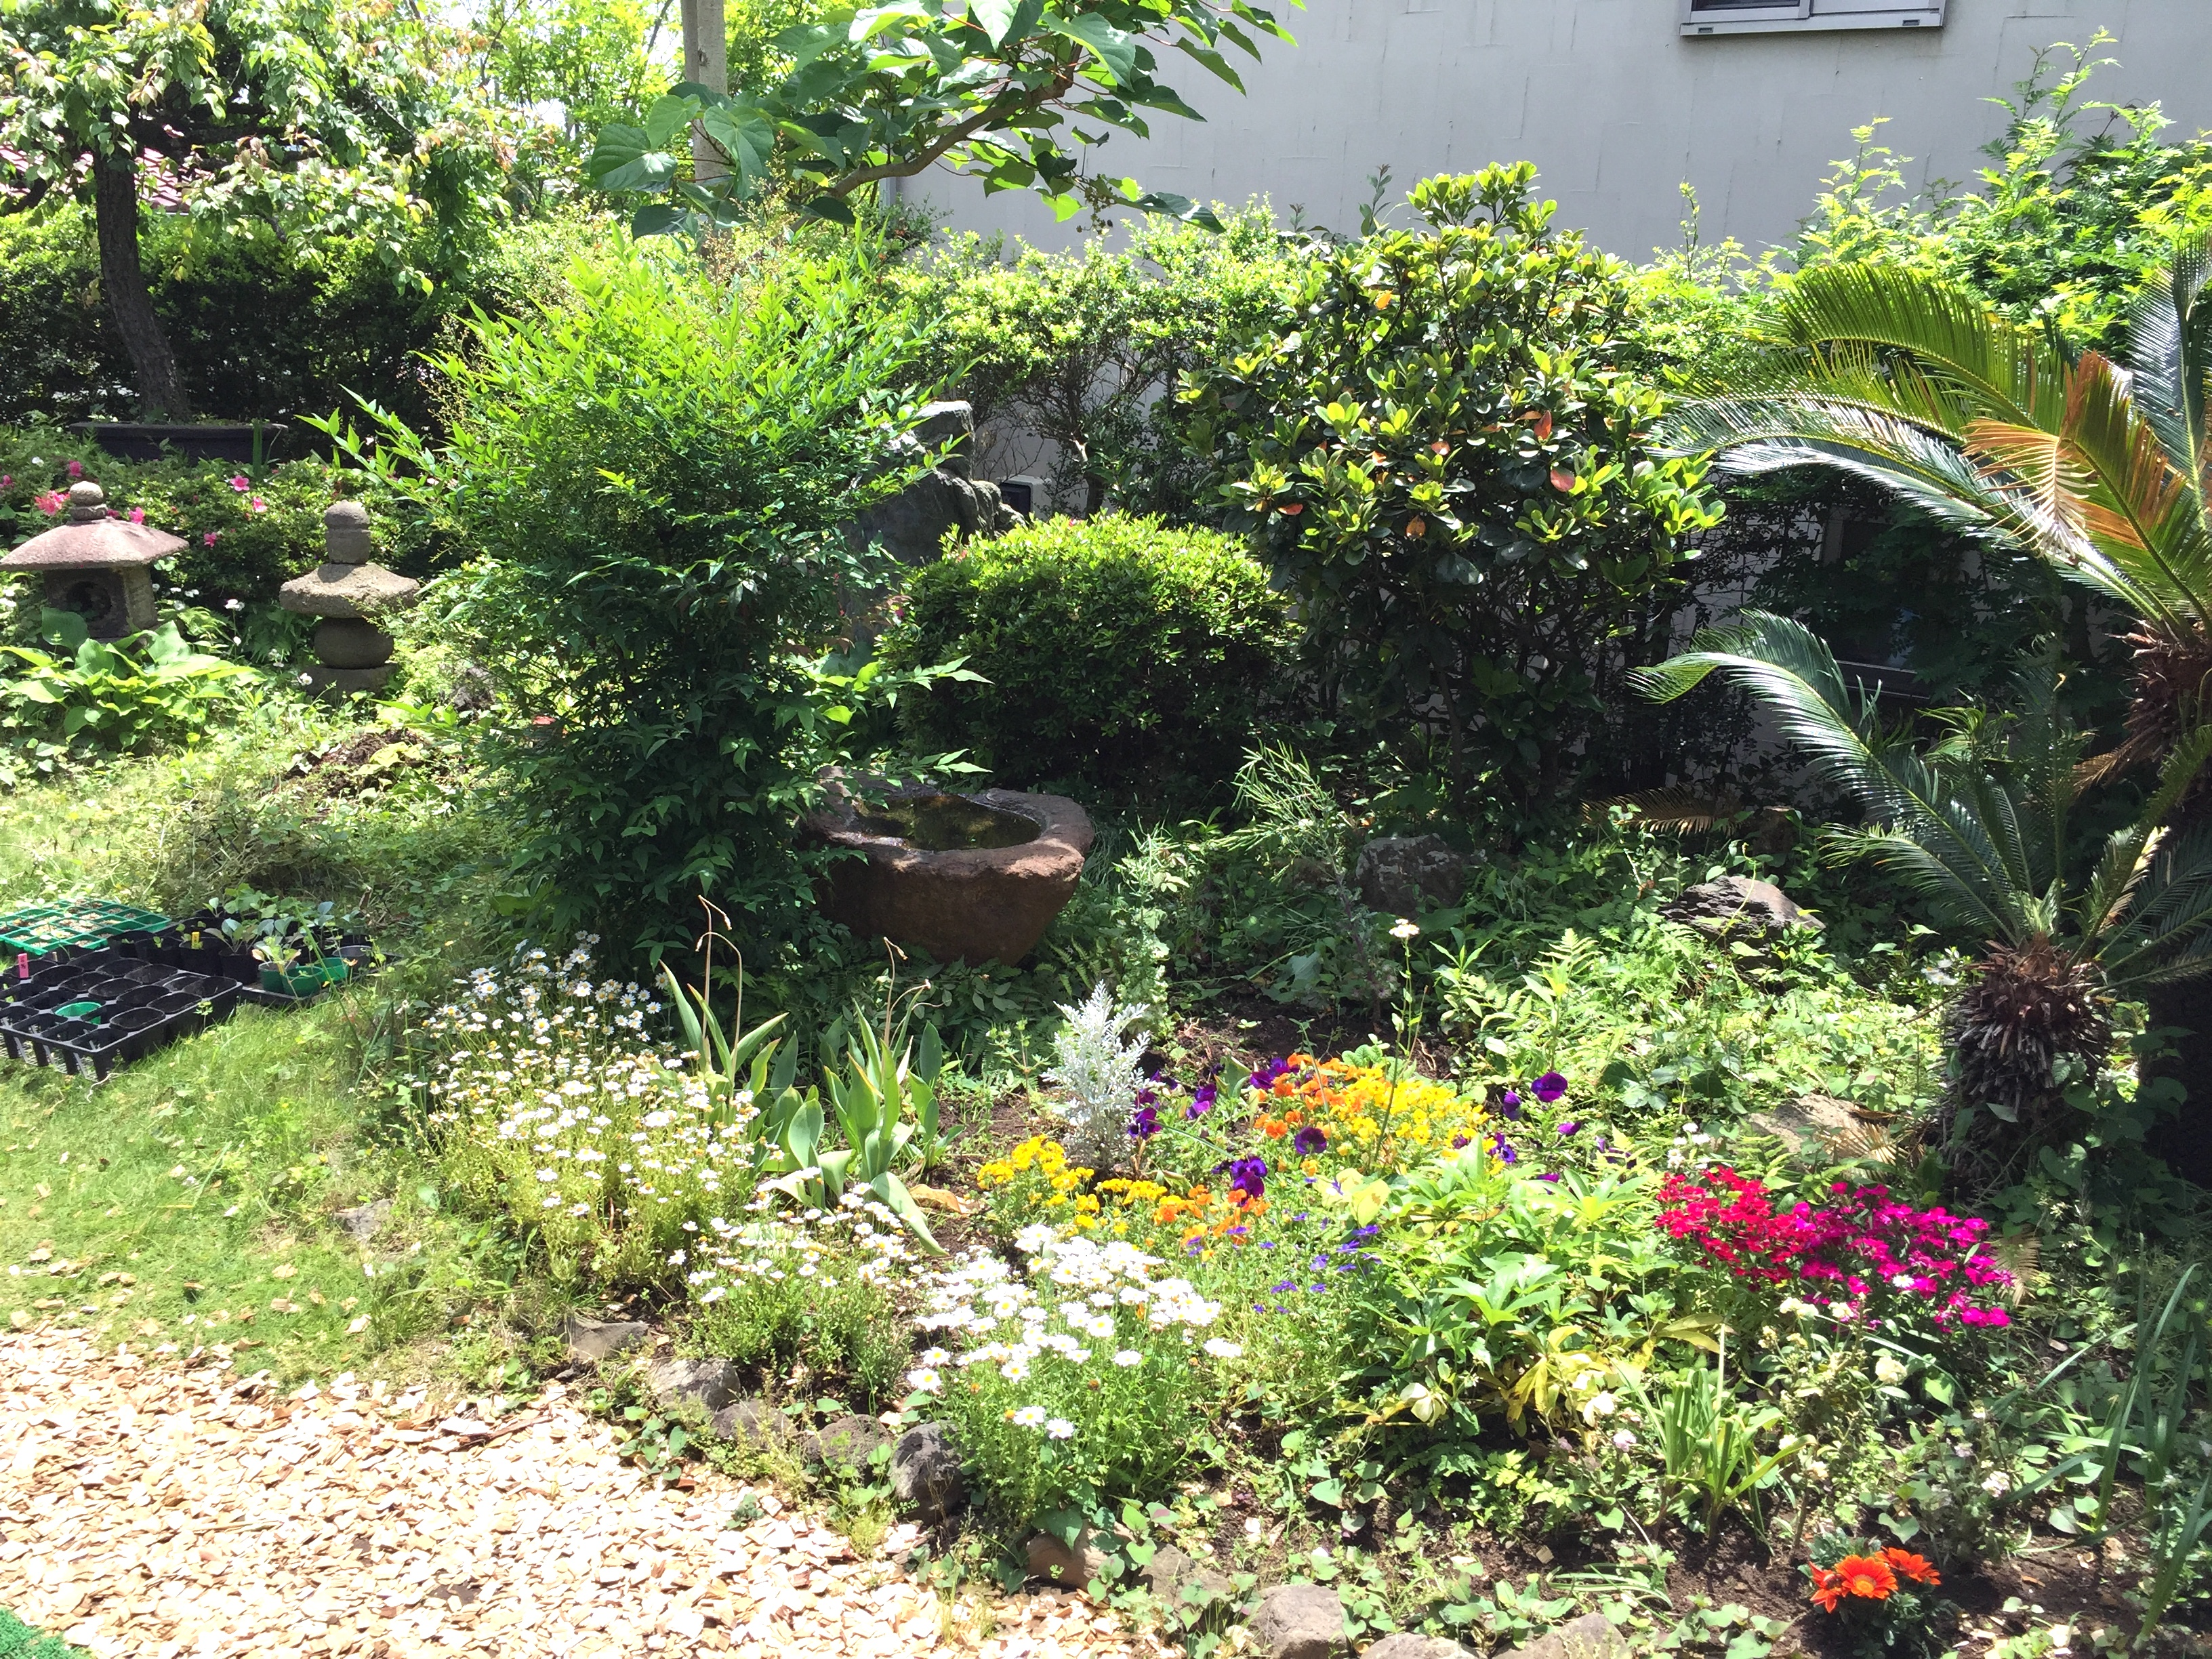 就労移行支援事業所 働くしあわせ JINEN-DO付近の花と緑